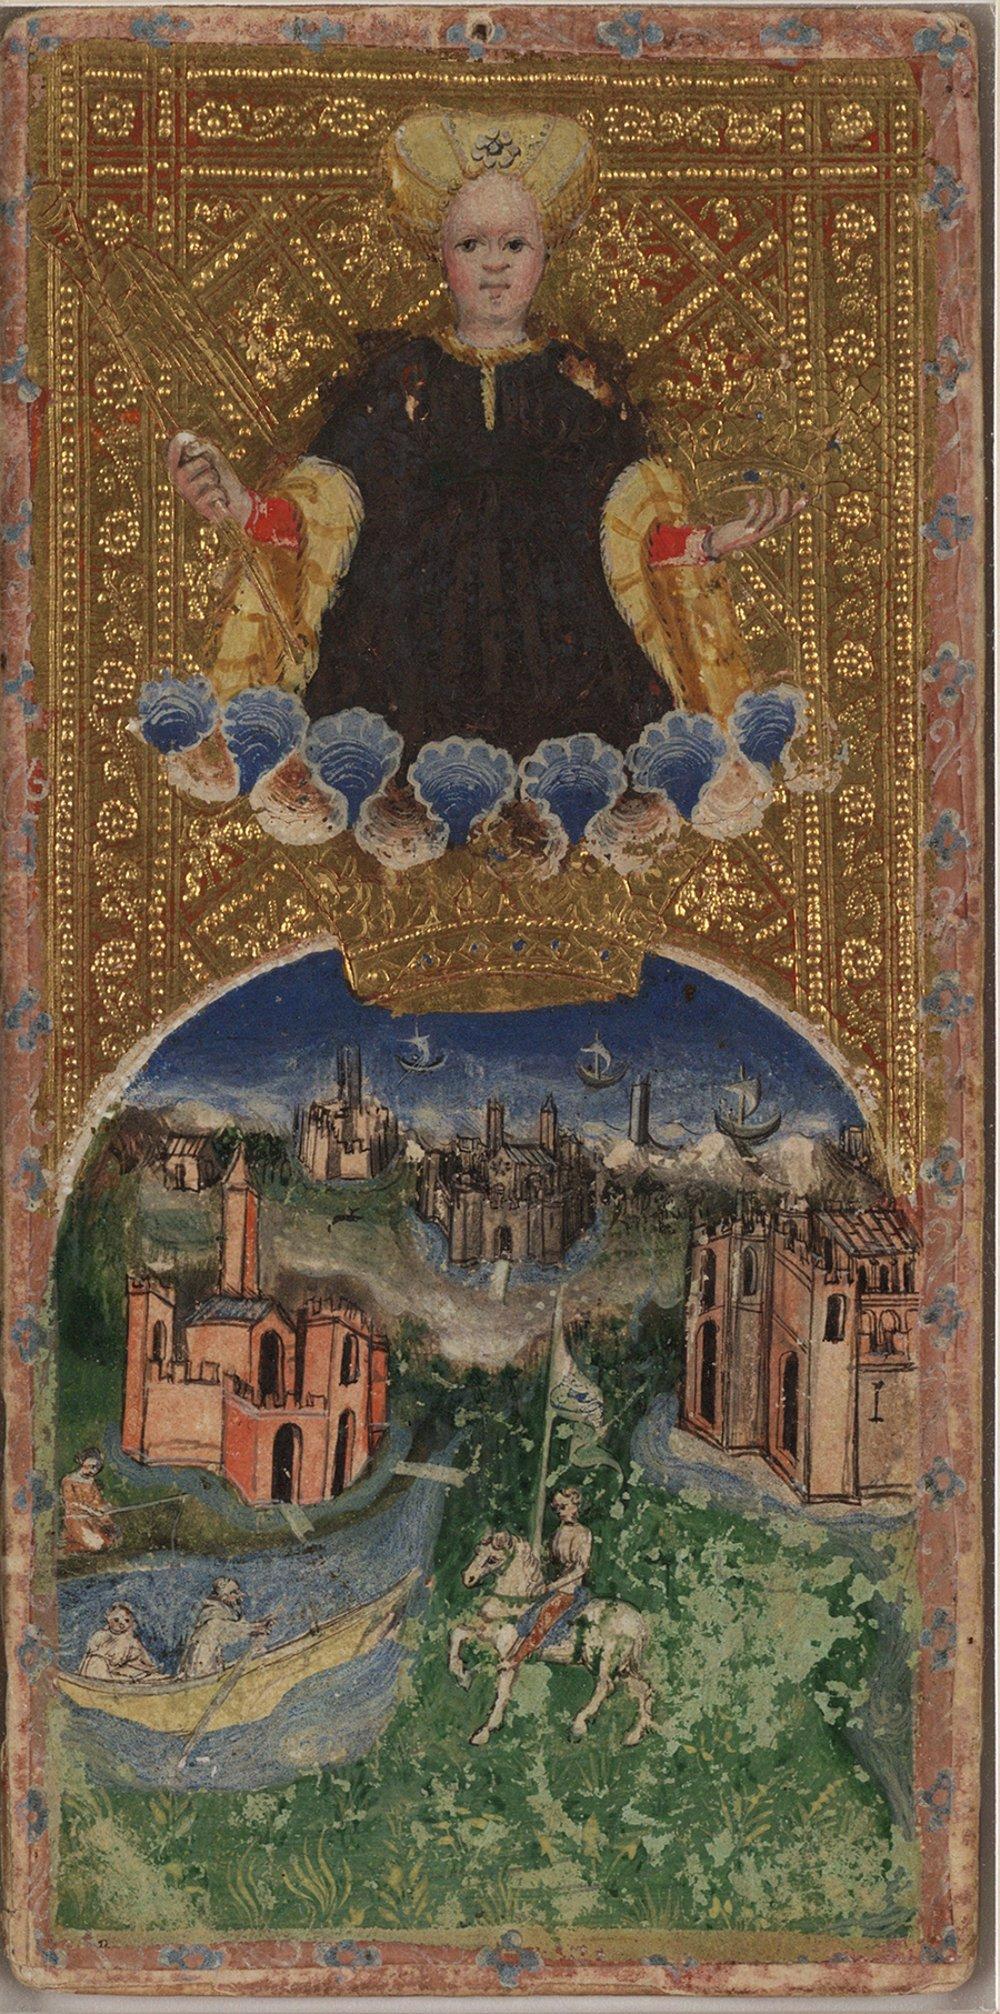 Karta Svet z Viscontiho tarotu z rokov 1442 – 77 z dielne Bonifacia Bemba so zlatým pozadím.